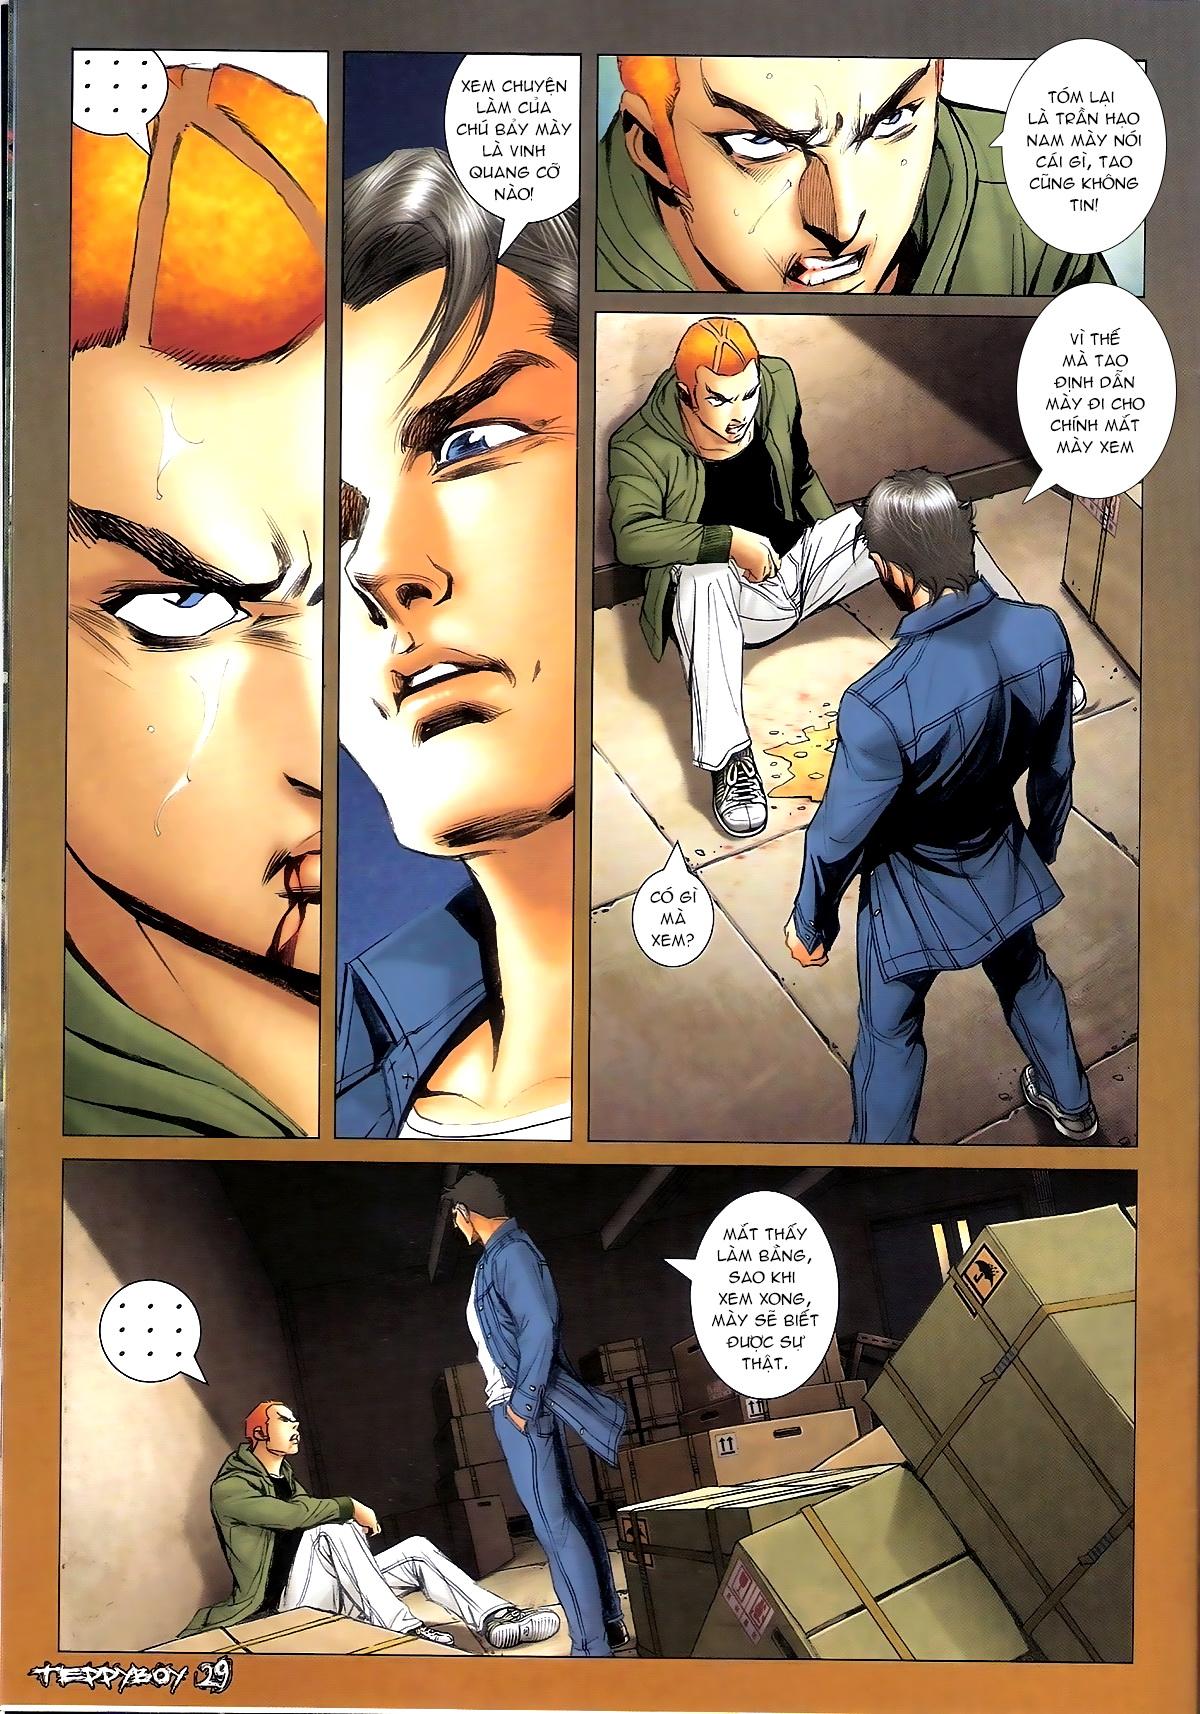 Người Trong Giang Hồ - Chapter 1359: Mắt thấy làm bằng - Pic 25